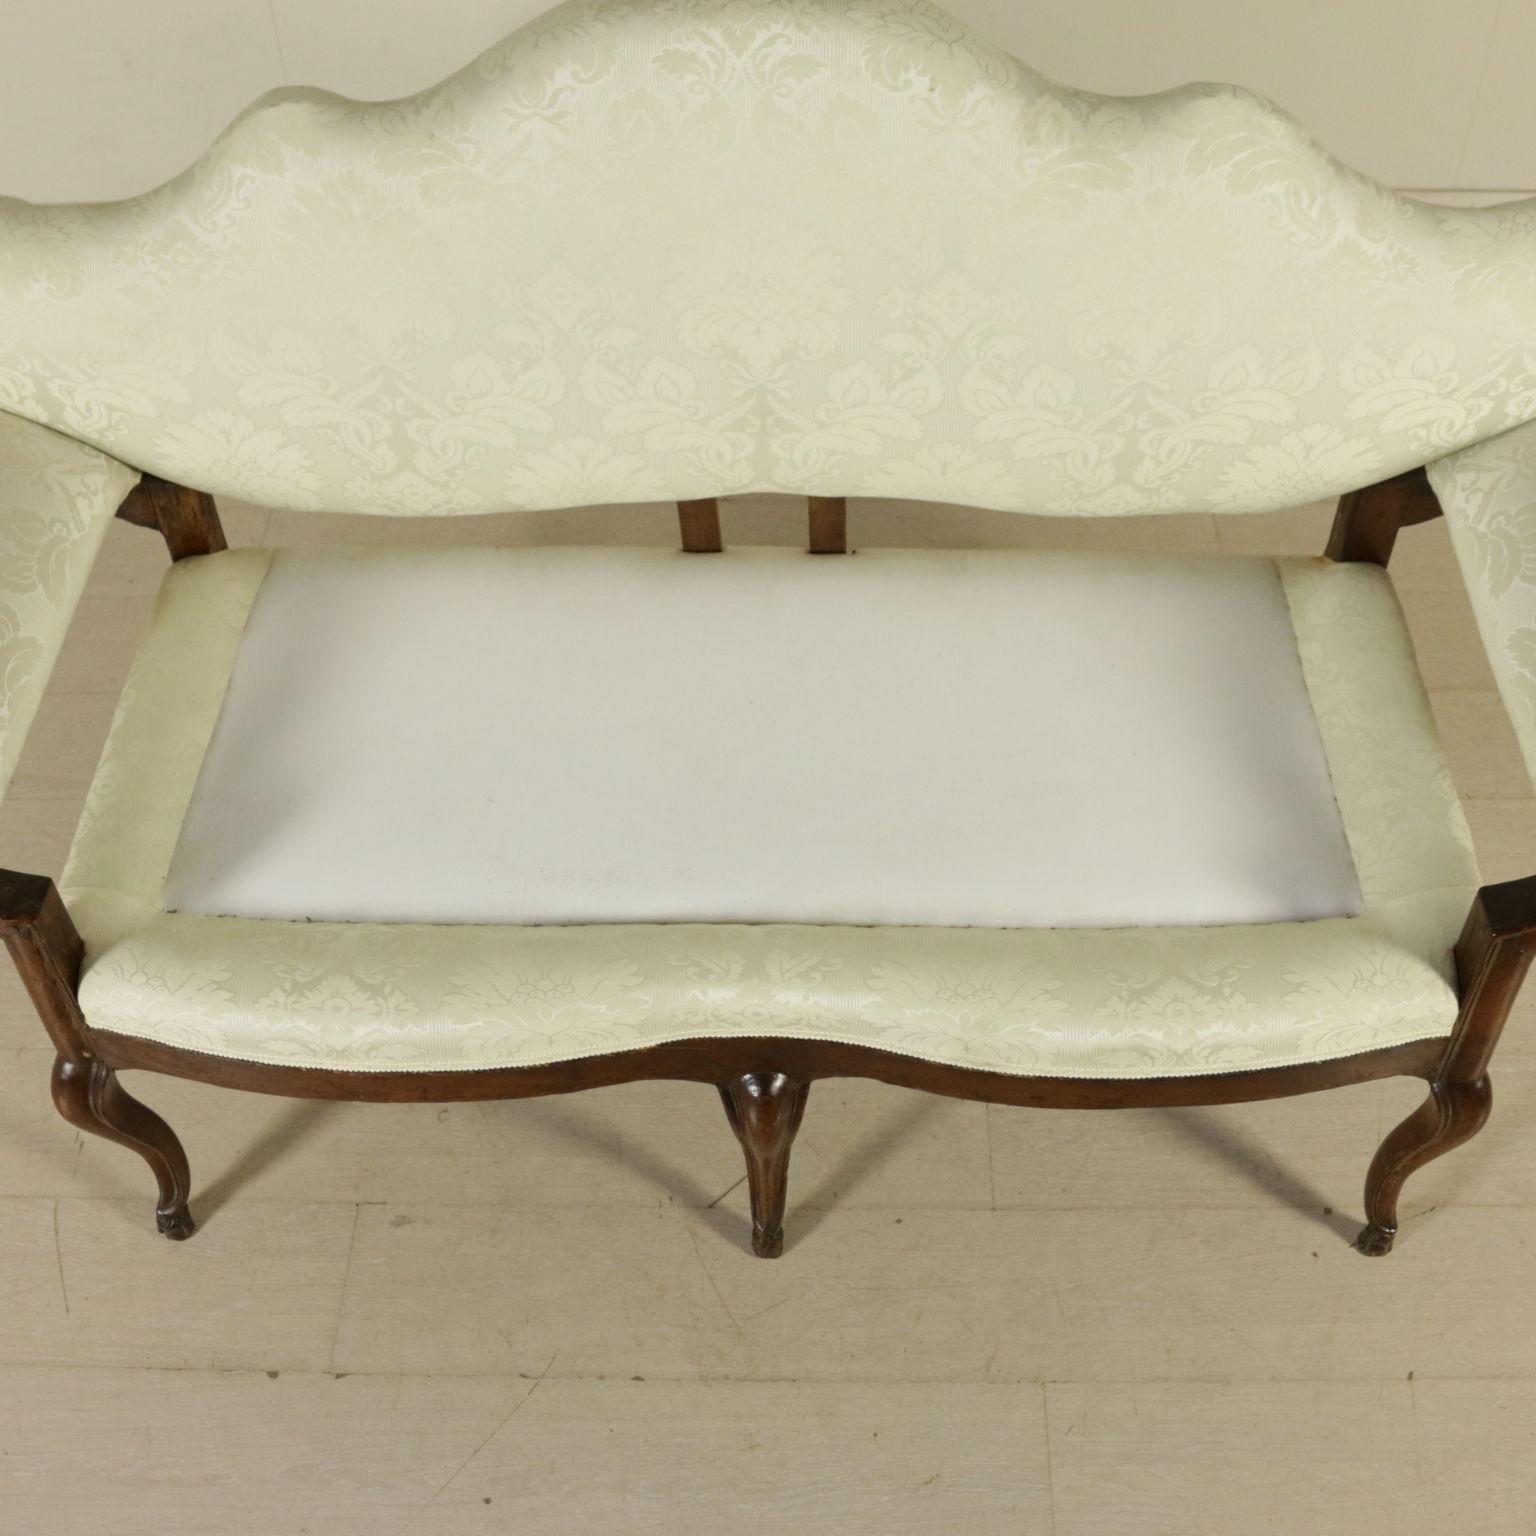 Divano a orecchioni sedie poltrone divani antiquariato for Divano particolare